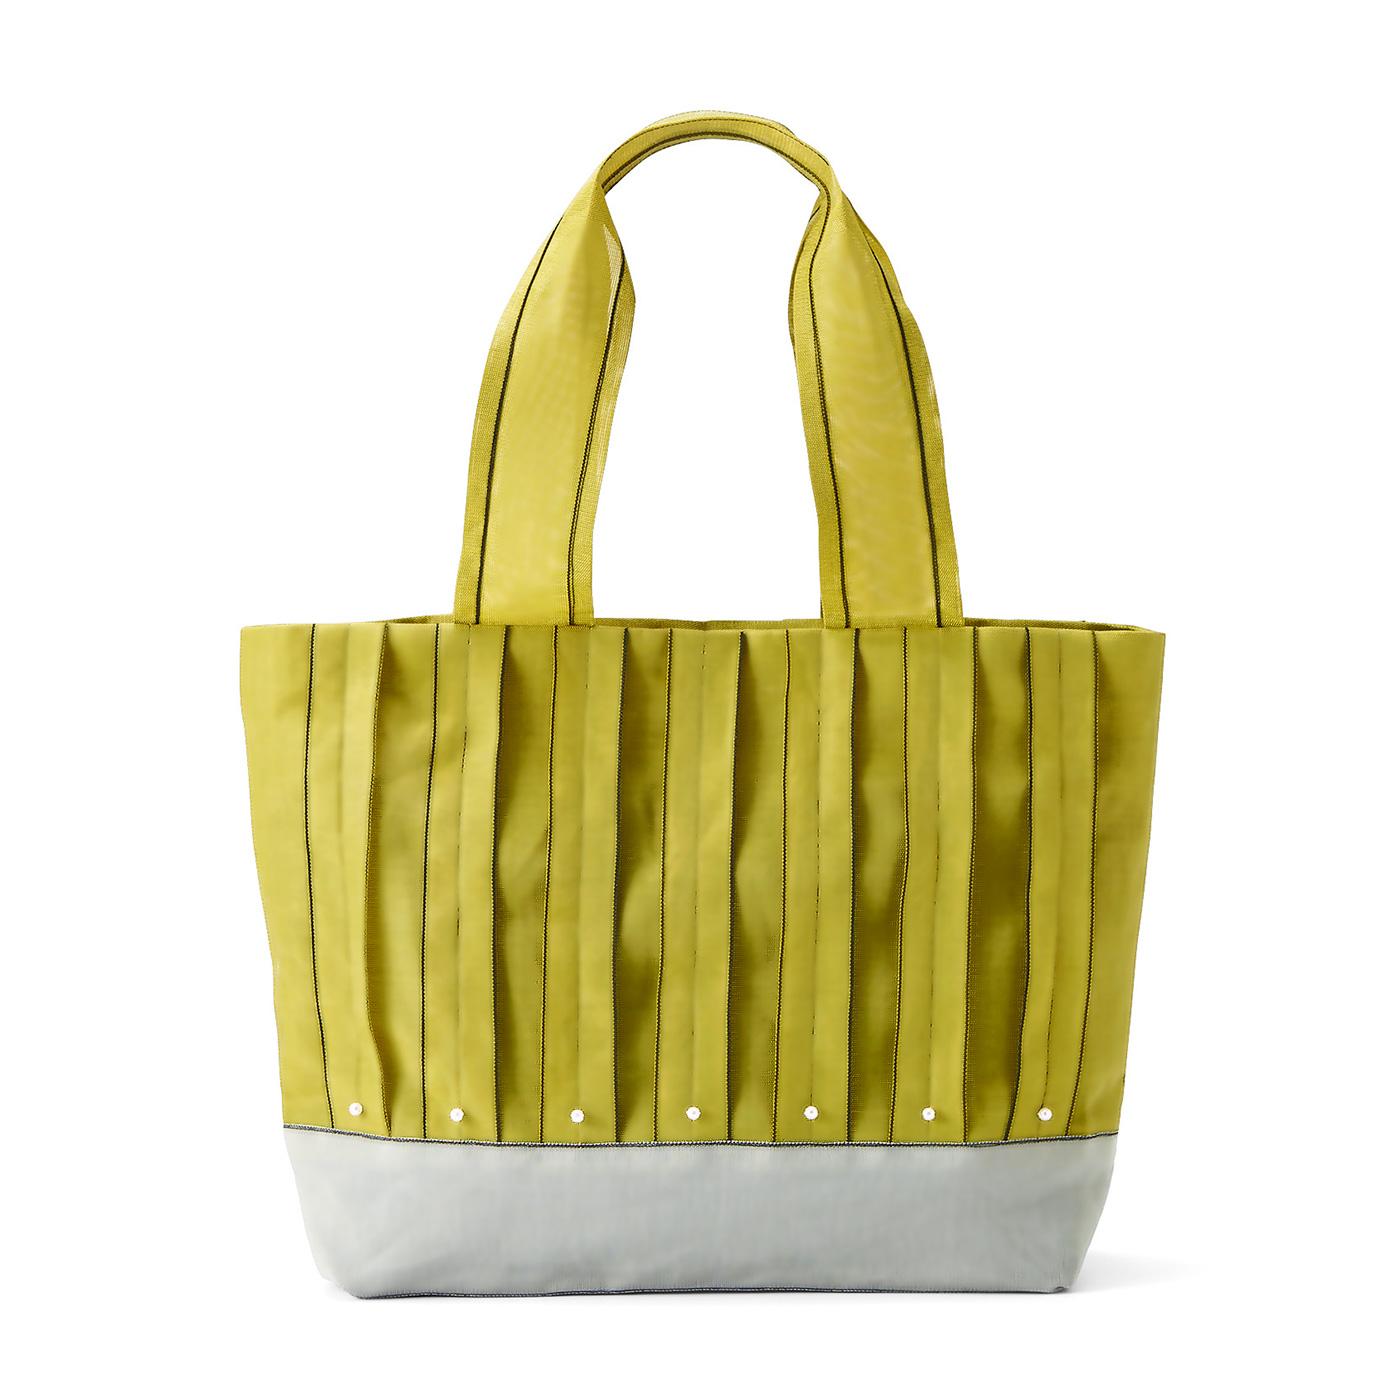 鶯(うぐいす)色の横型トートバッグ 縦約26.5cm、横約39cm、まち幅約8cm